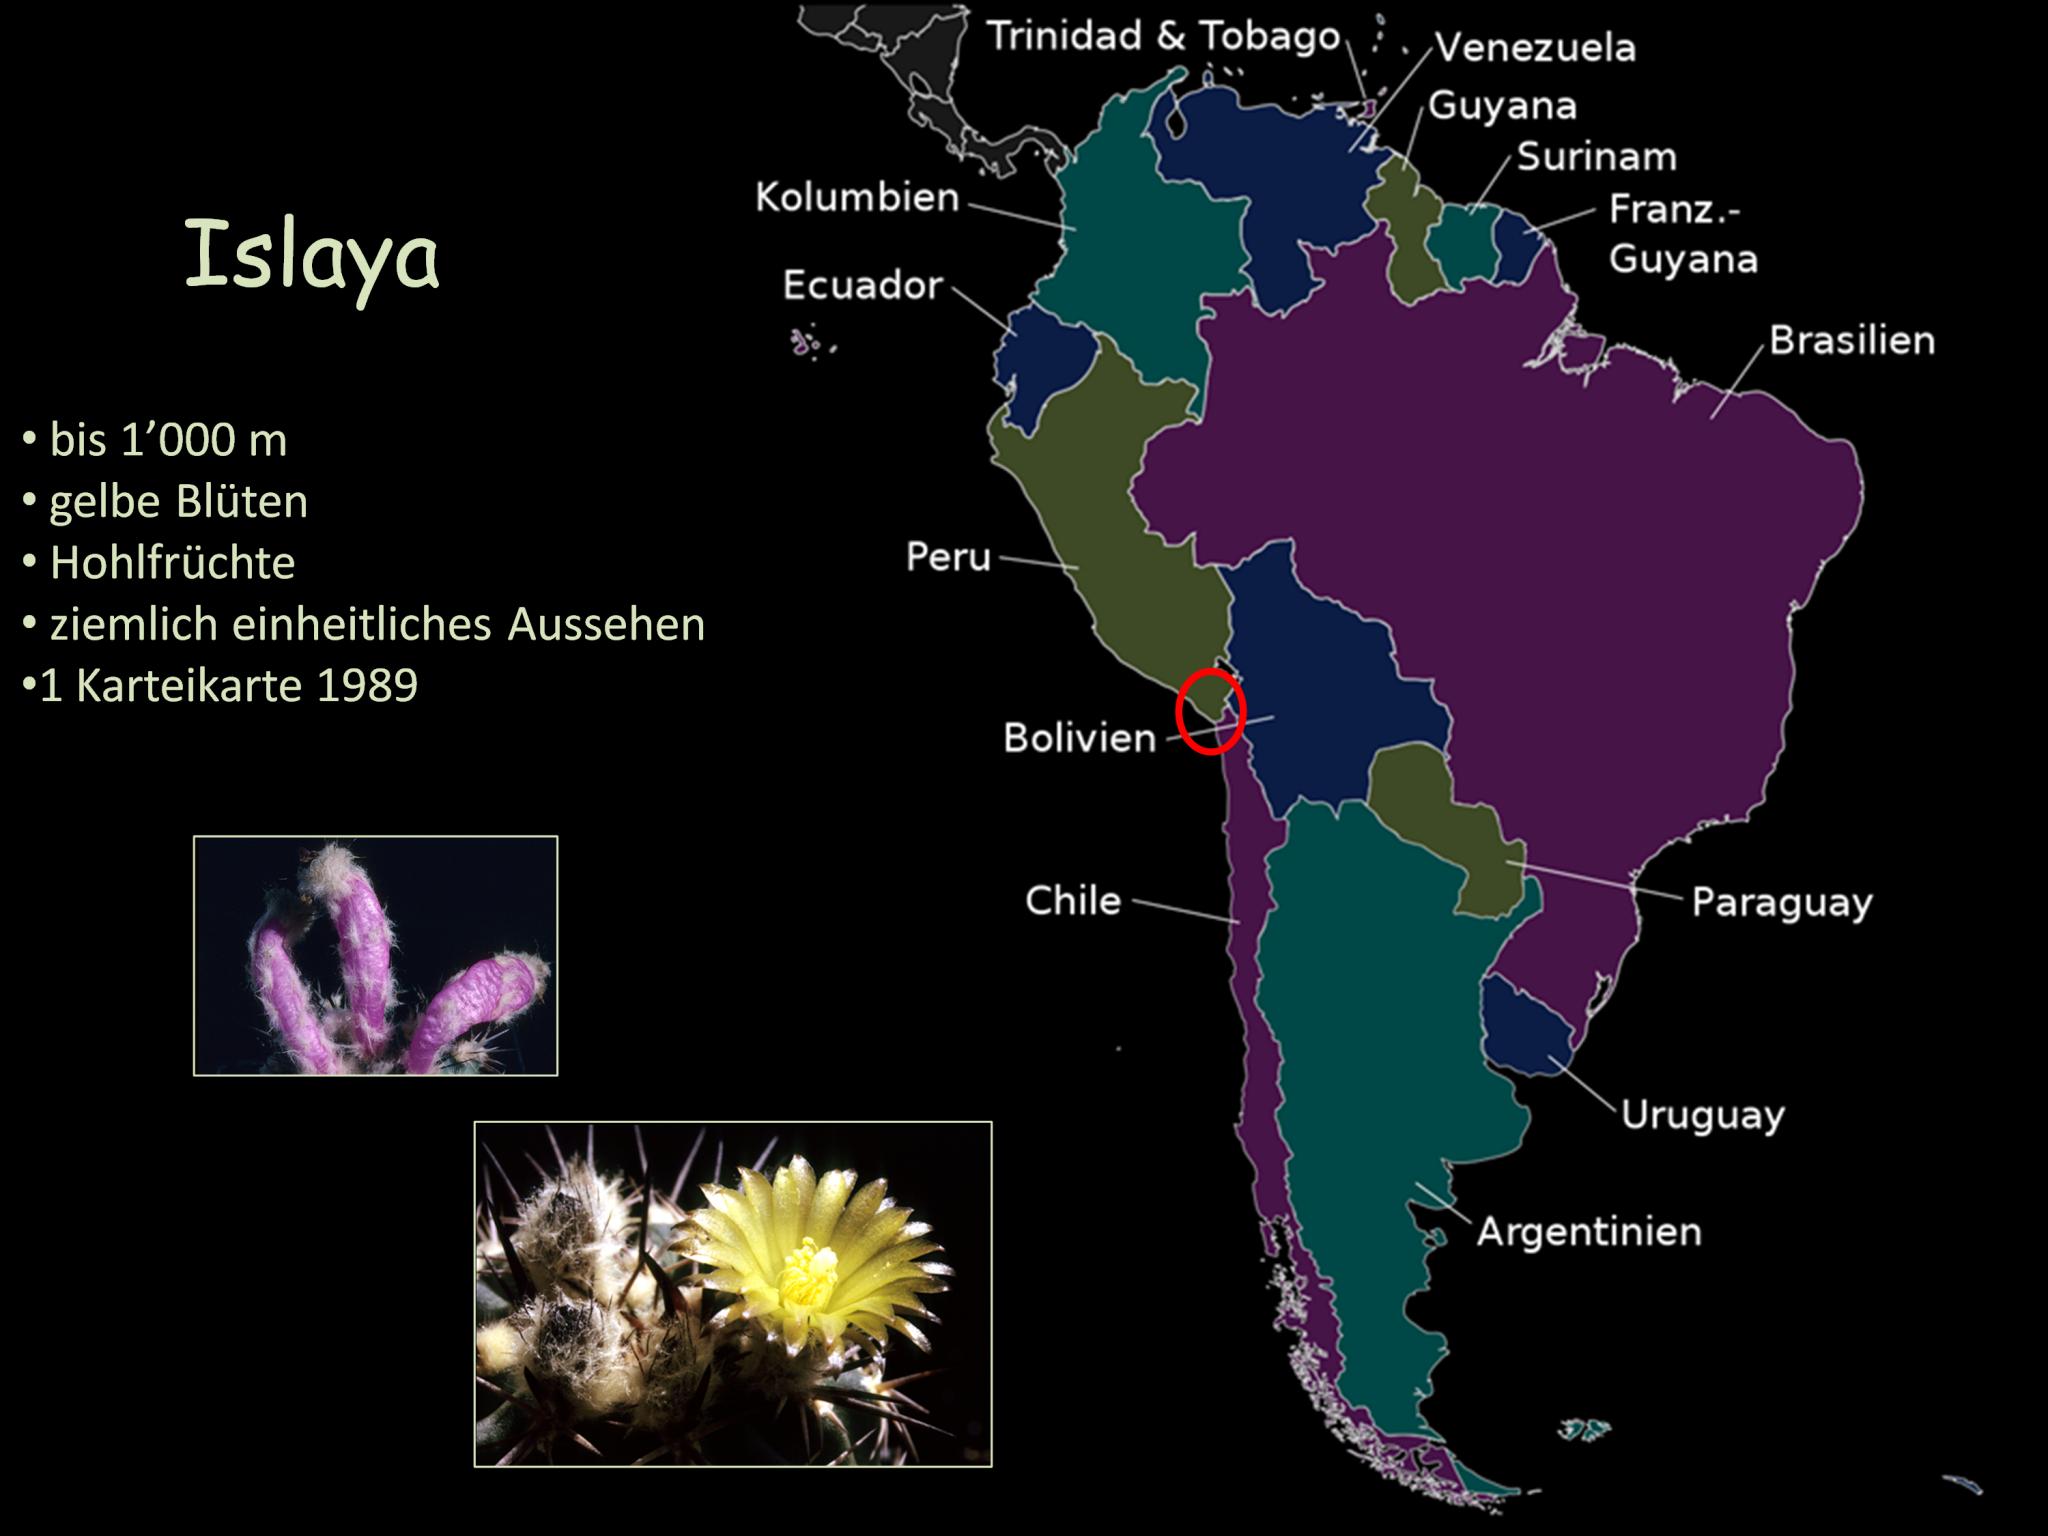 Islaya